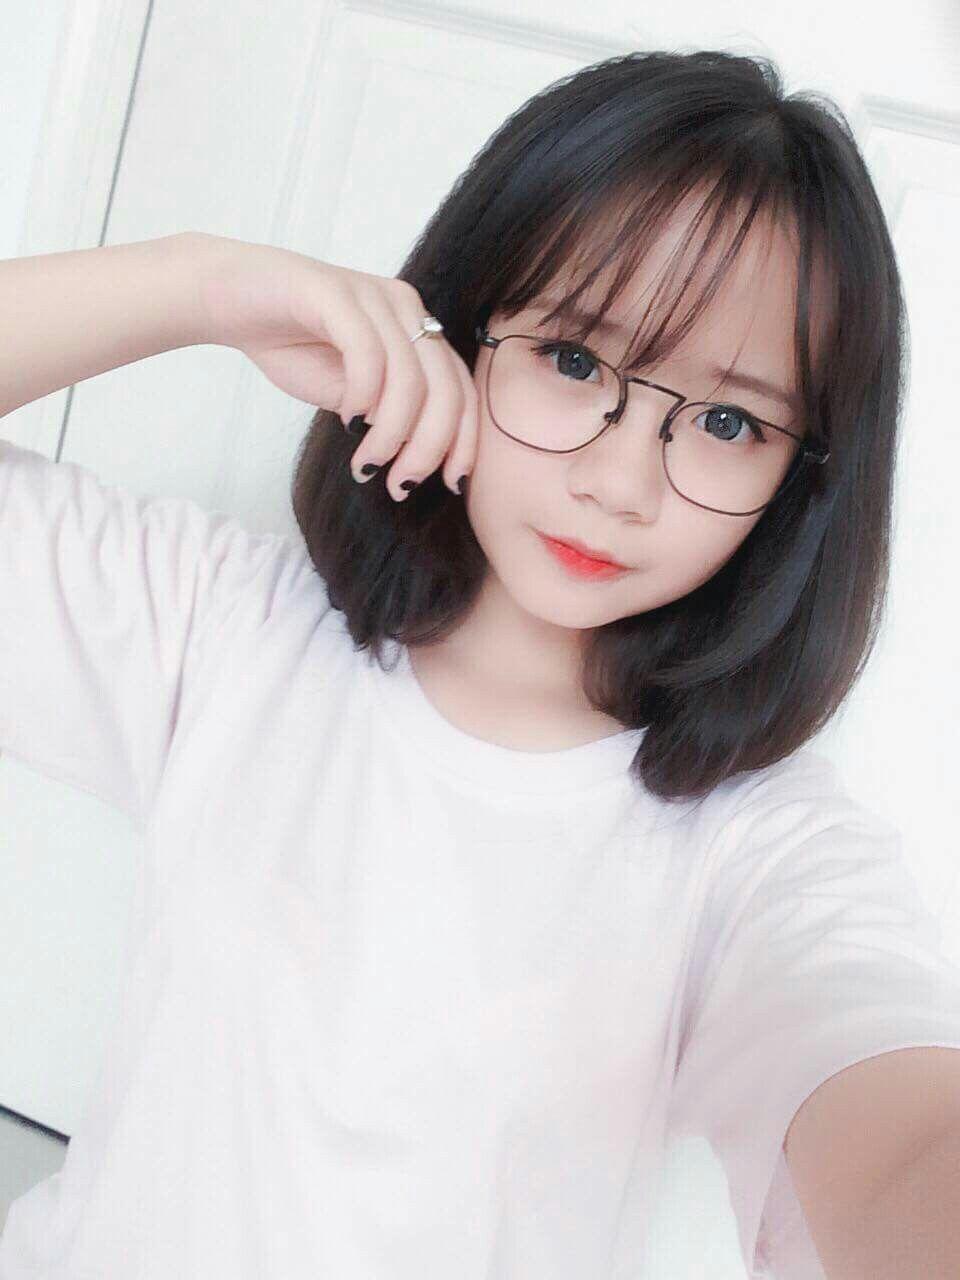 ảnh gái xinh tóc ngắn đeo kính